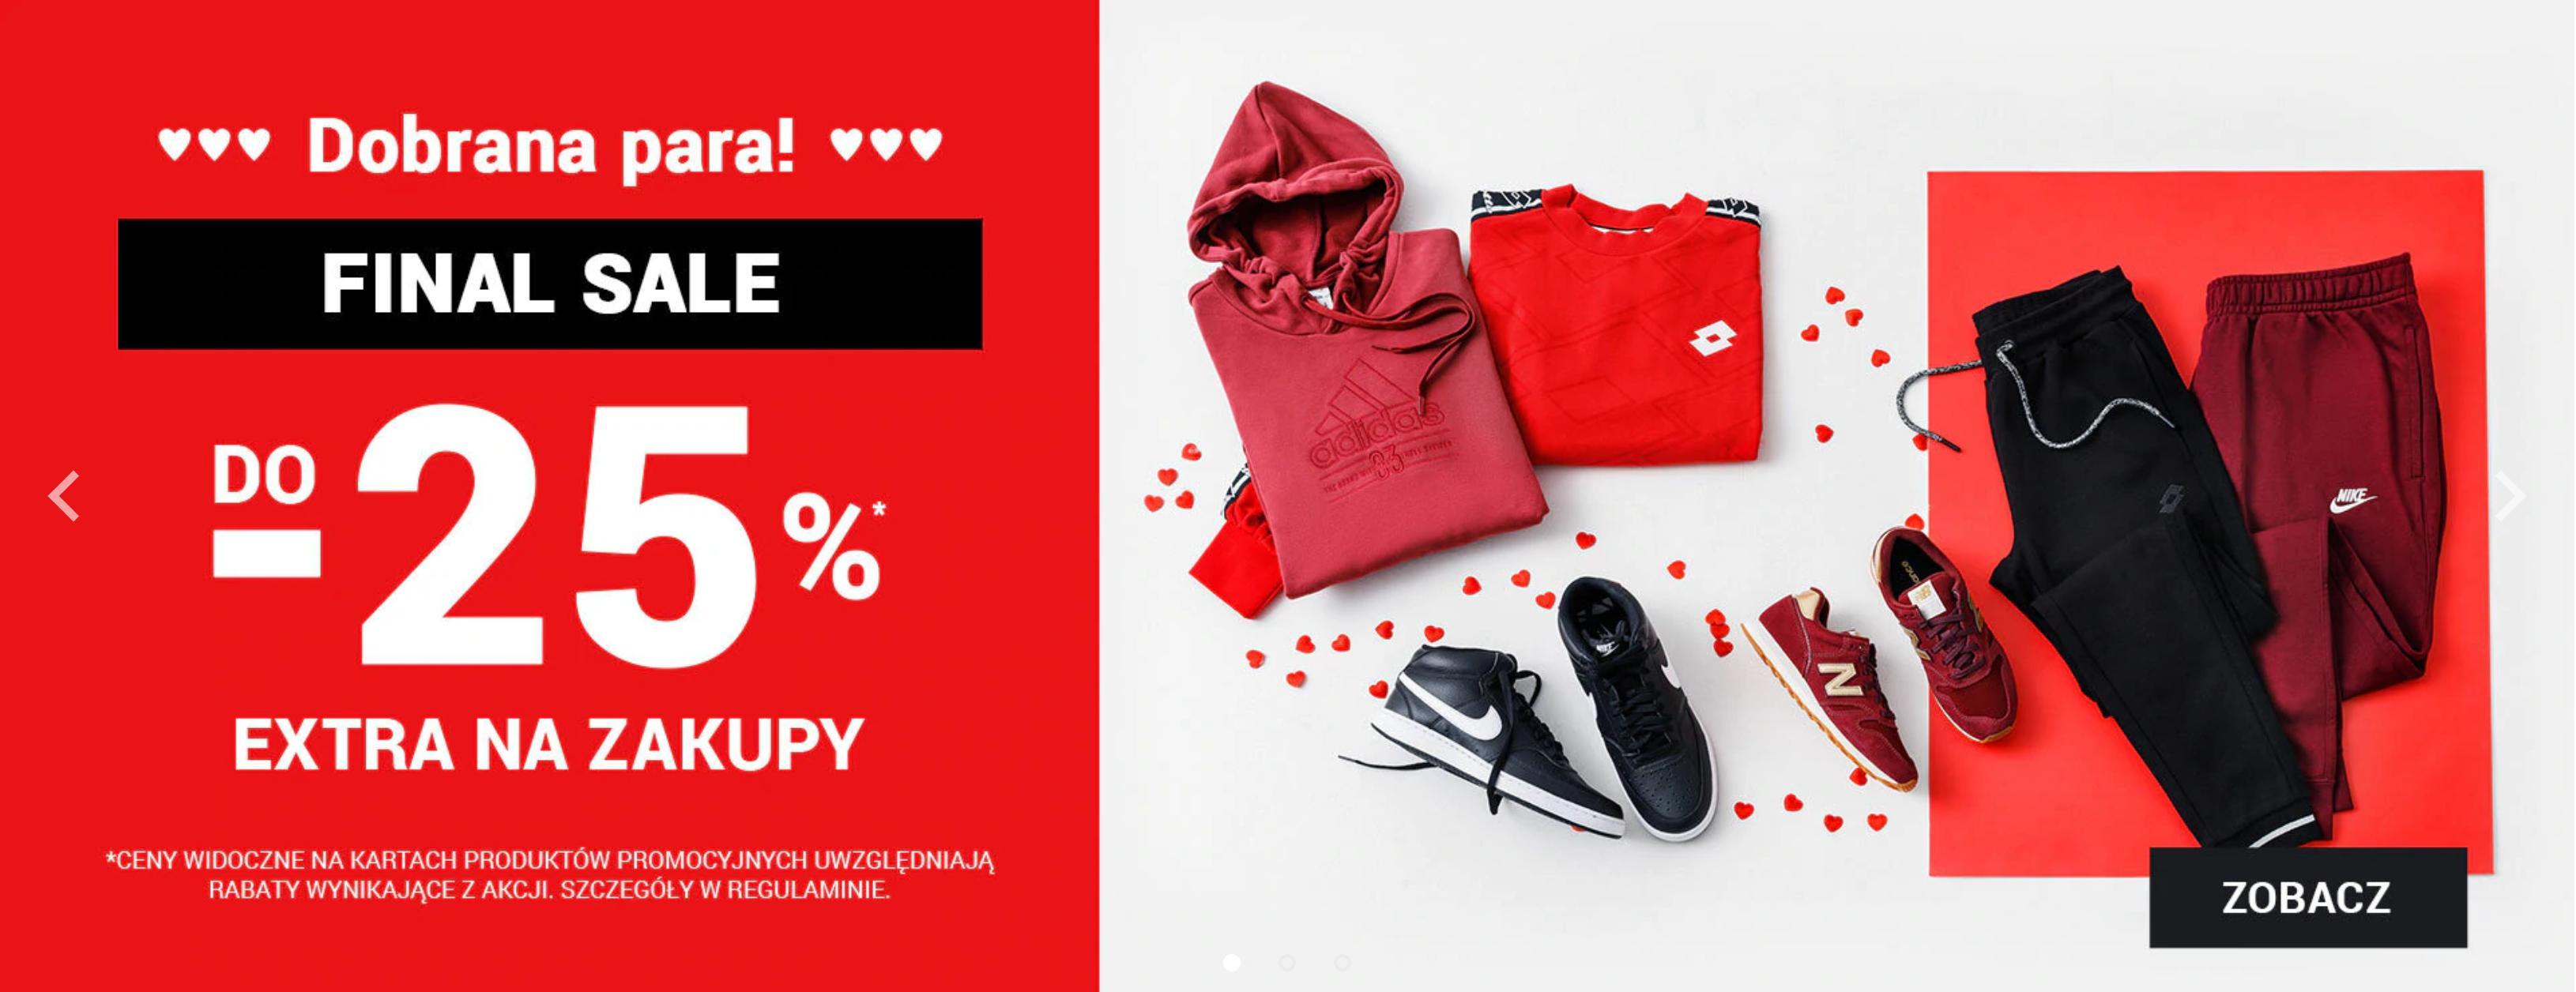 ButySportowe.pl: do 25% extra rabatu do wyprzedaży na buty i ubrania sportowe